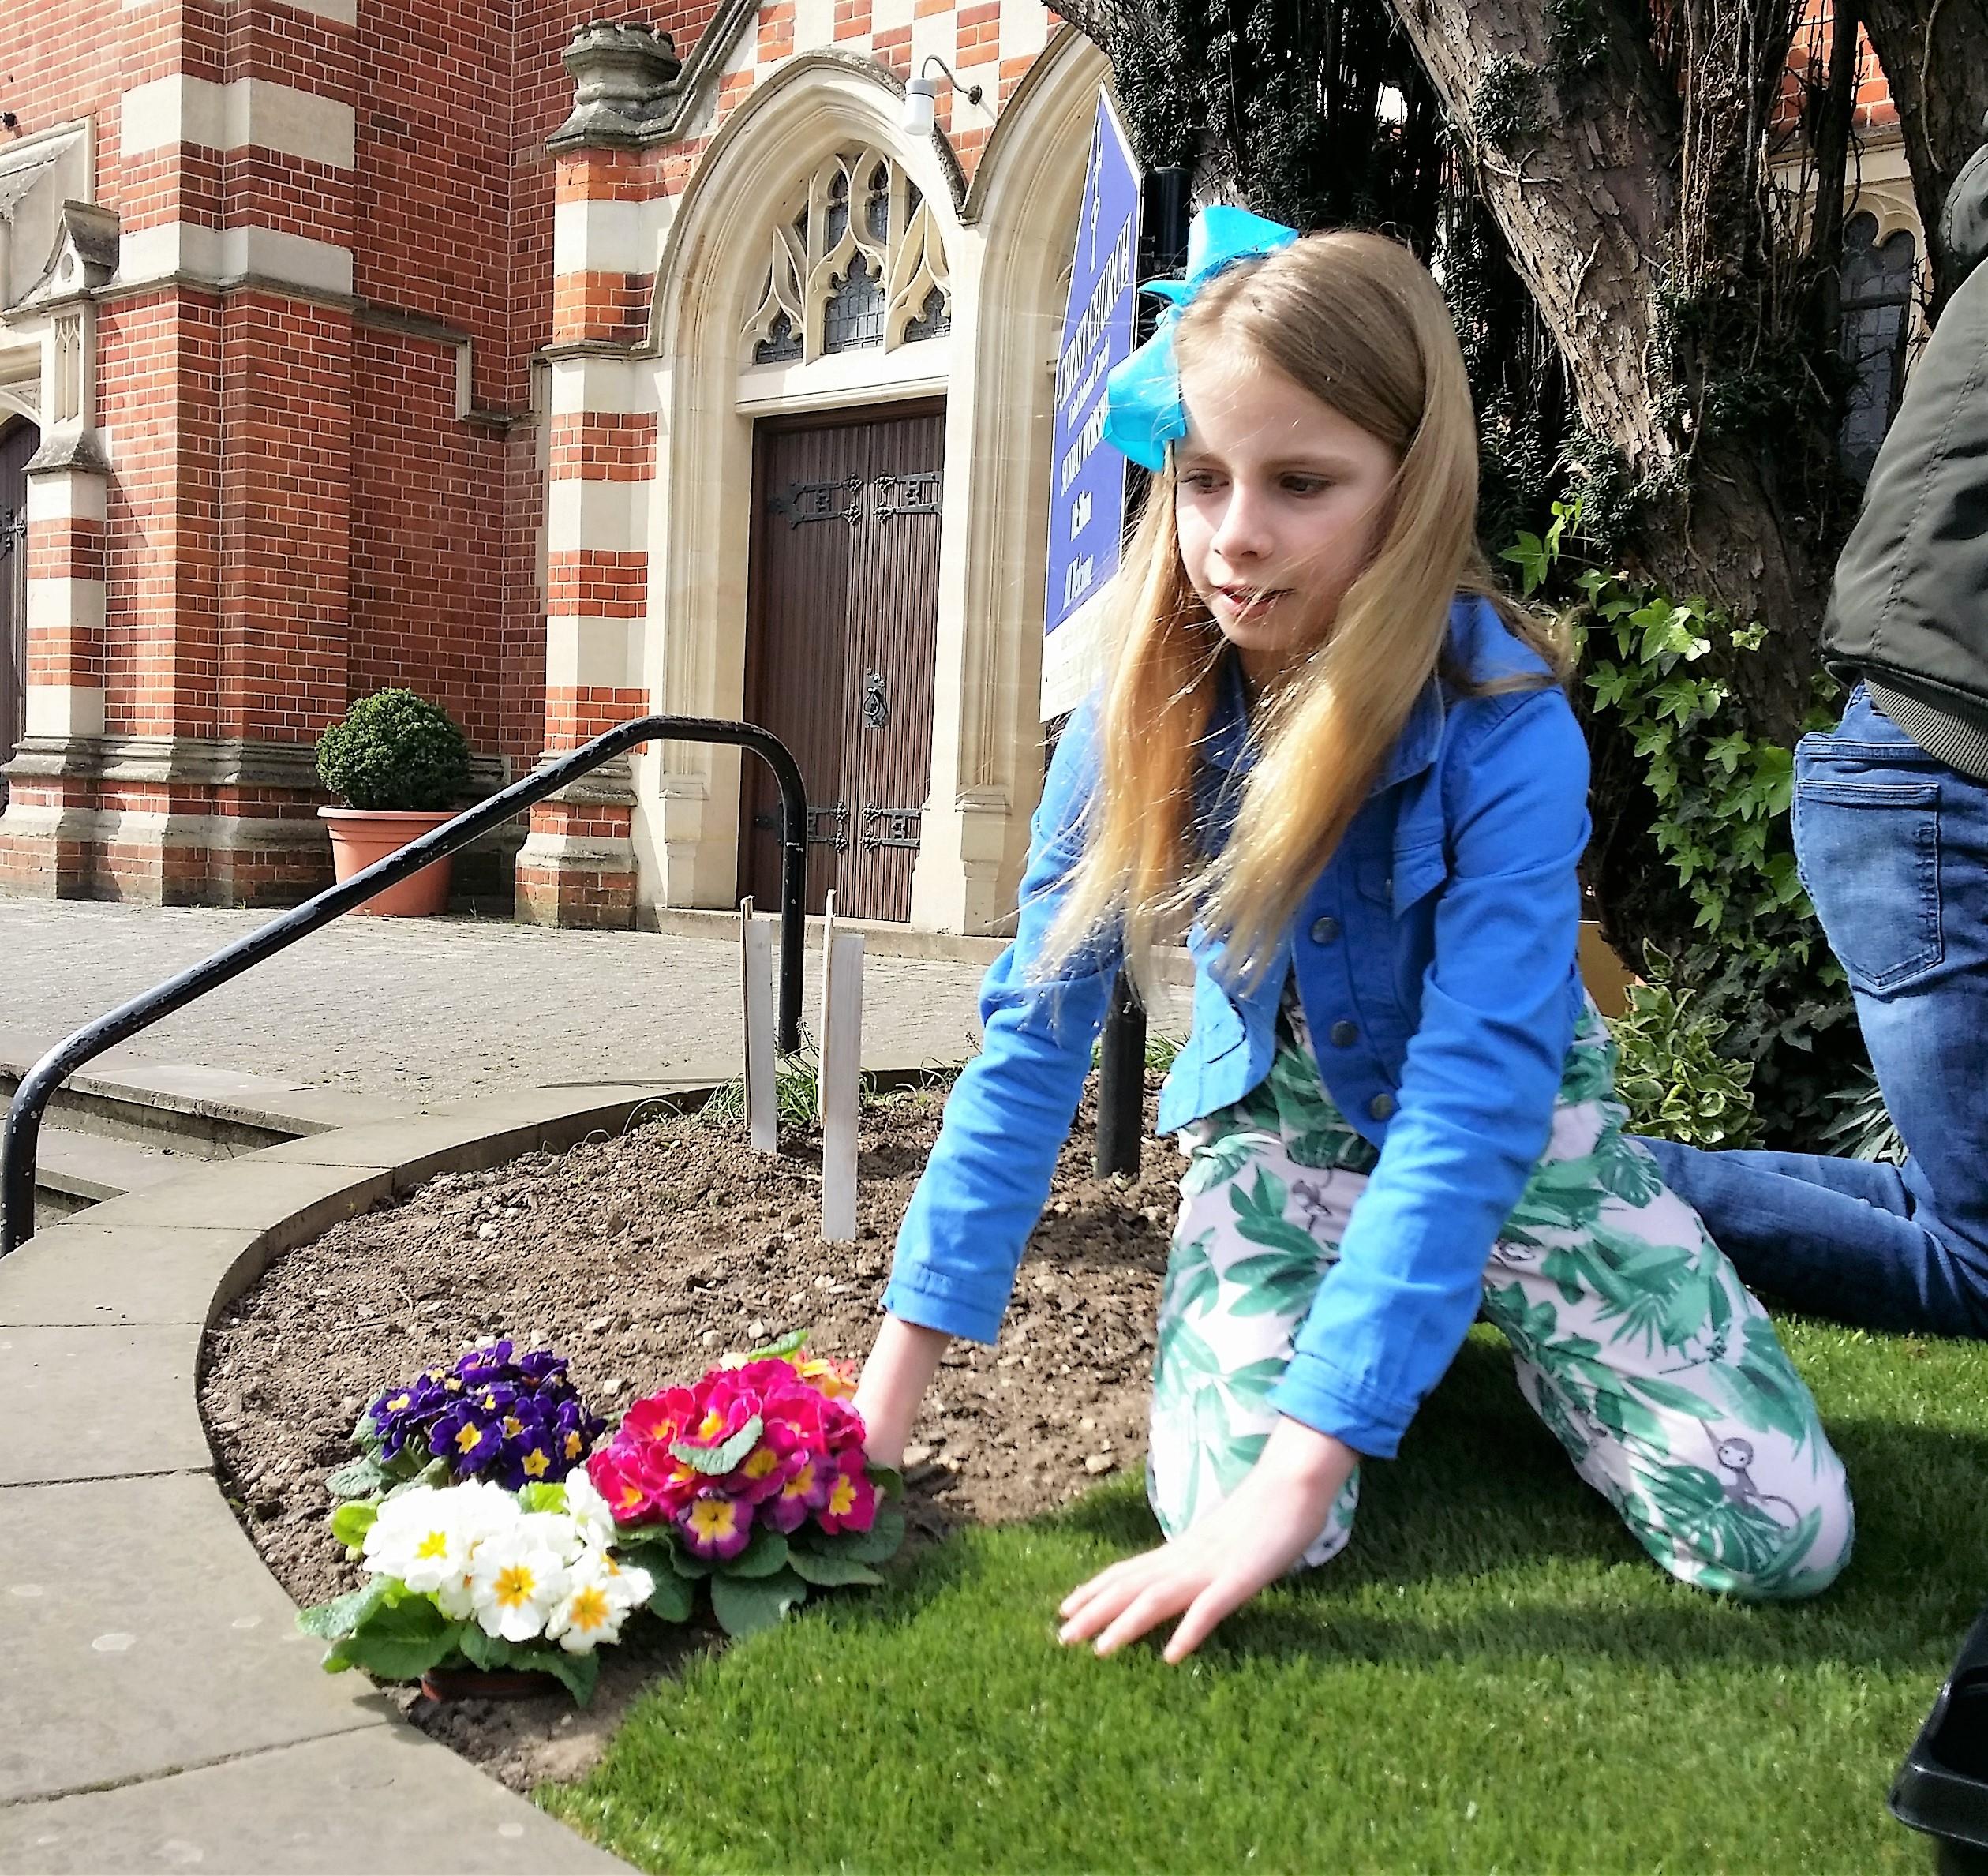 Easter-Garden-girl-planting-flowers-